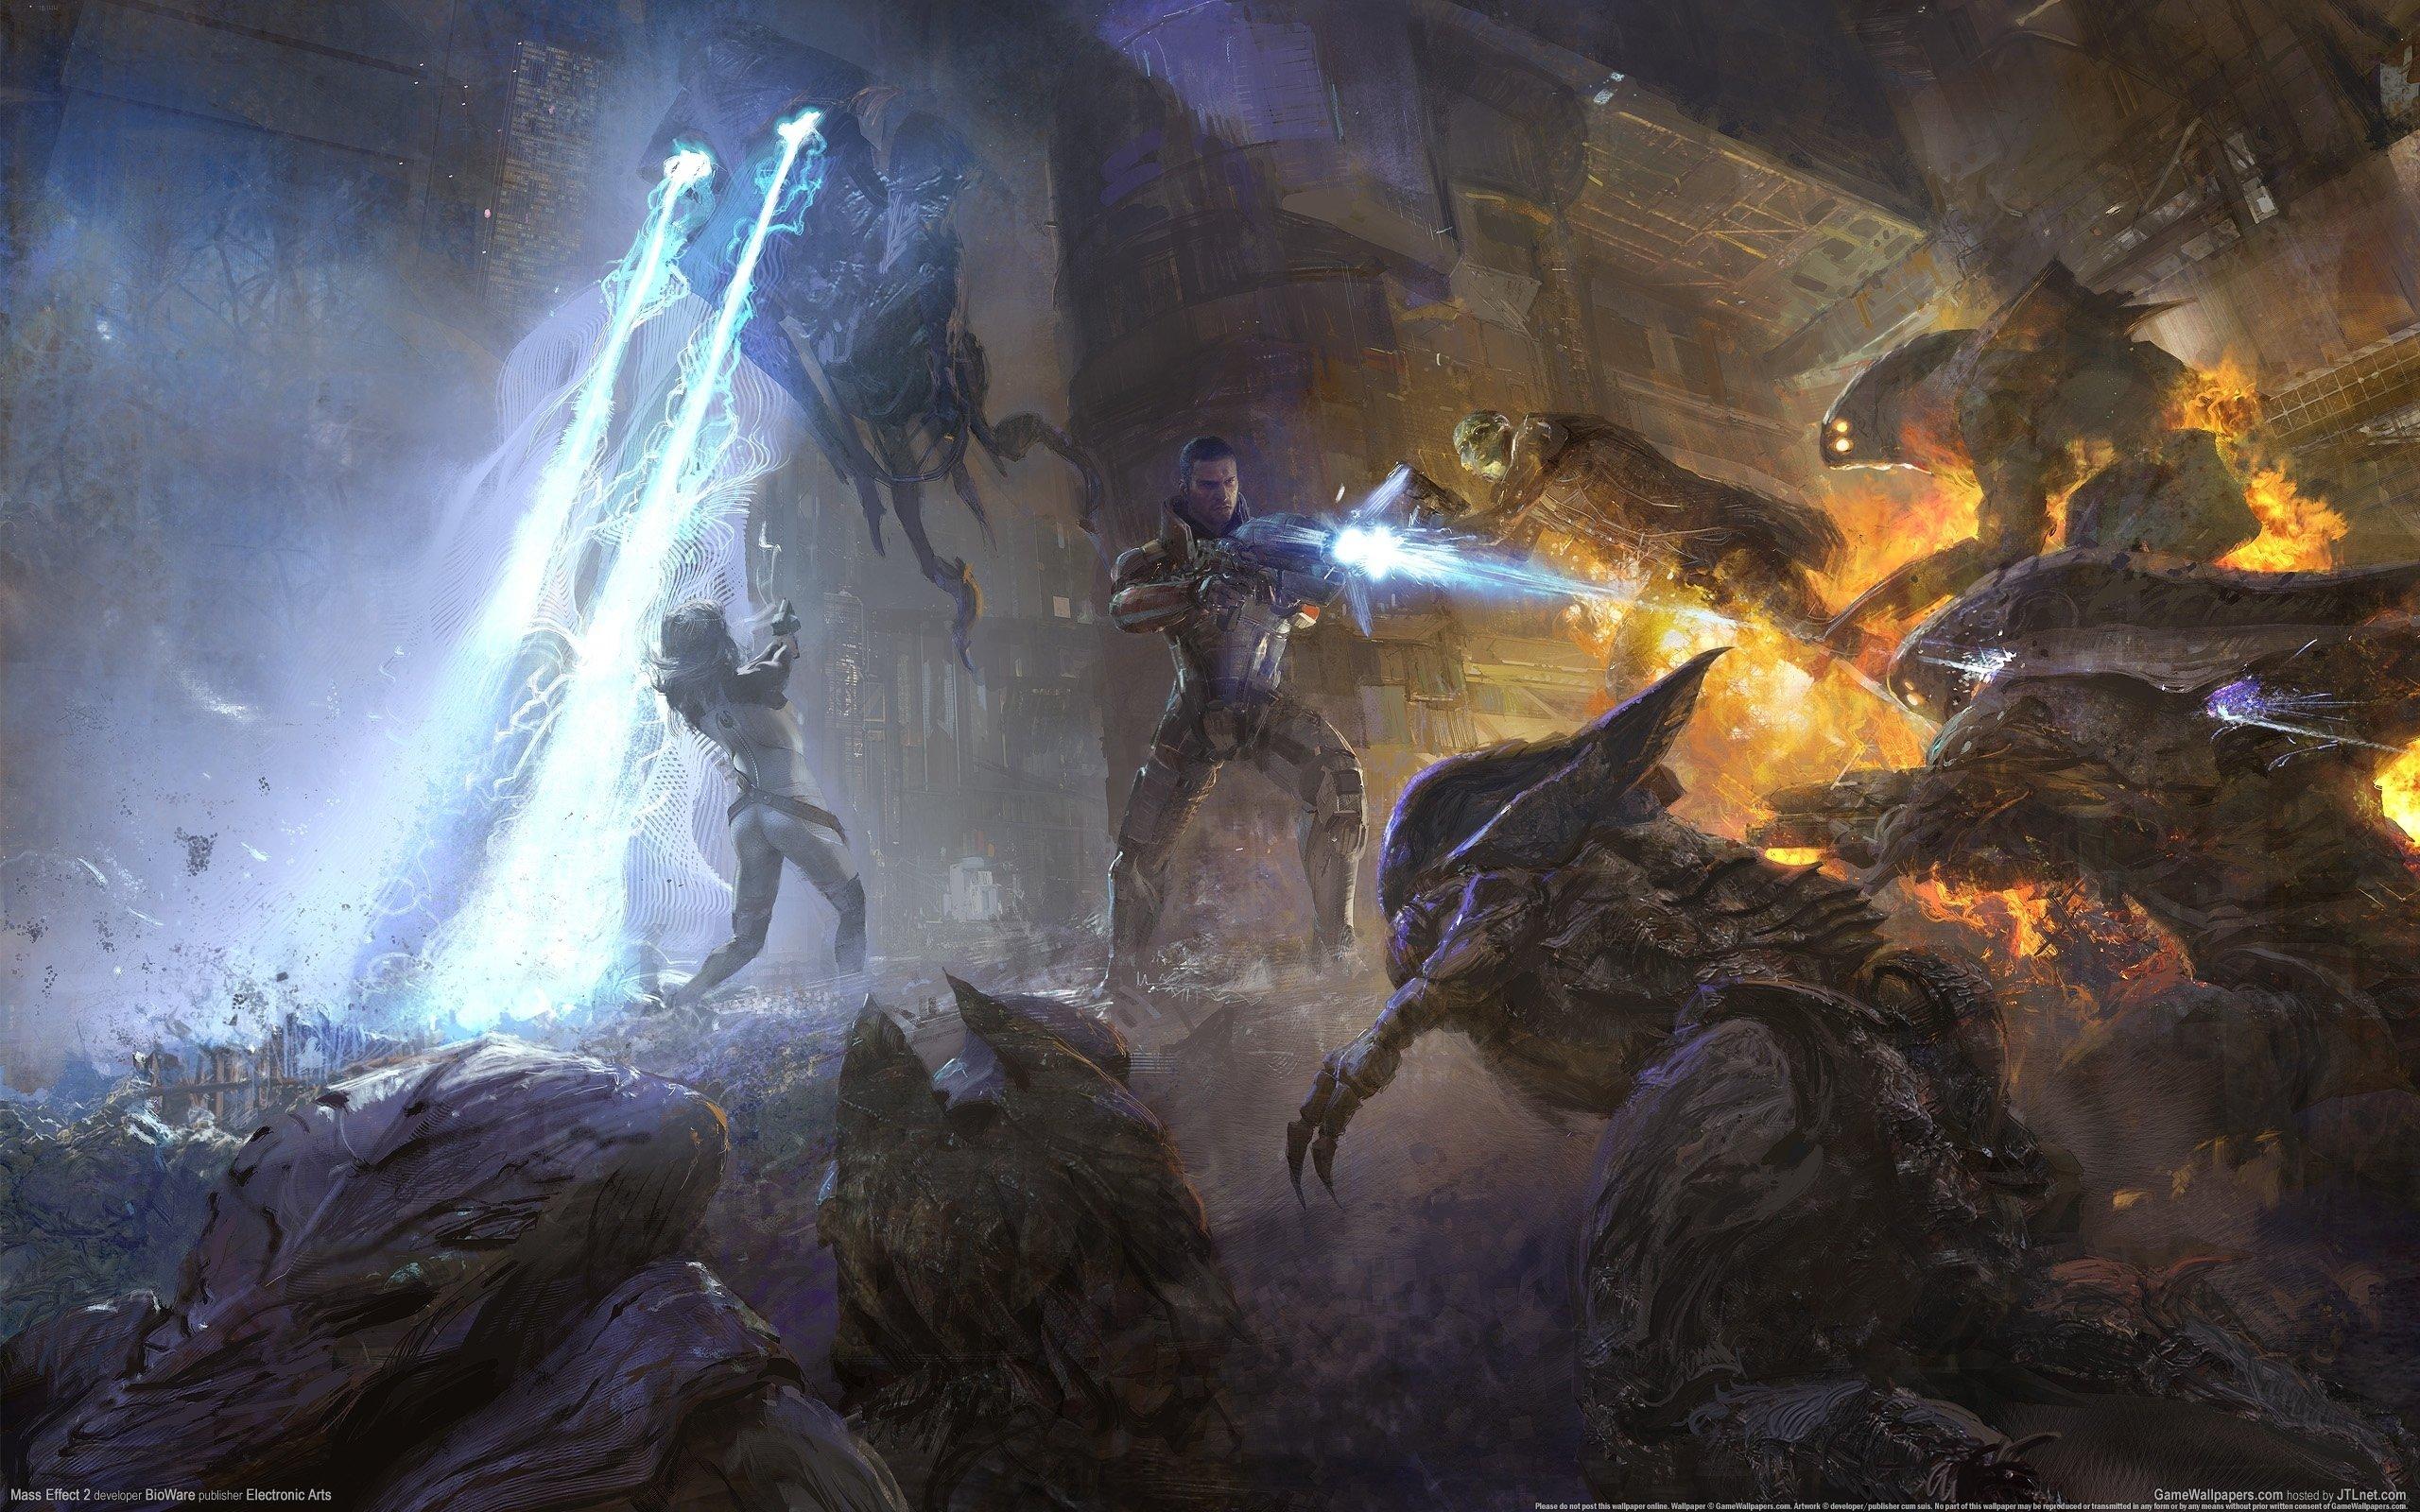 Mass Effect Wallpapers Hd For Desktop Backgrounds